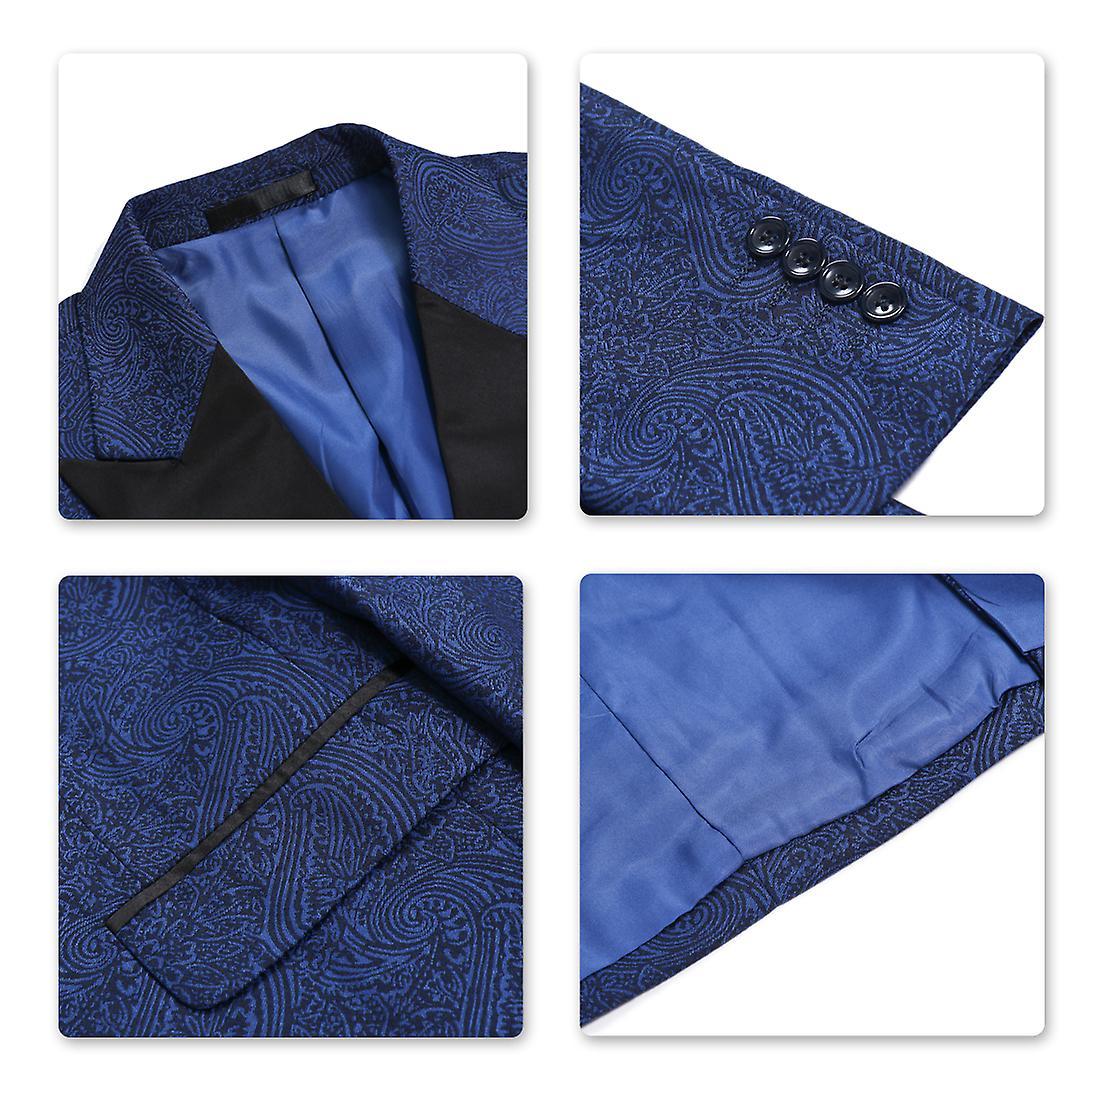 Allthemen Men's Tuxedos Wedding 2-Pieces Banquet Party Suit Dress Blazer&Pants